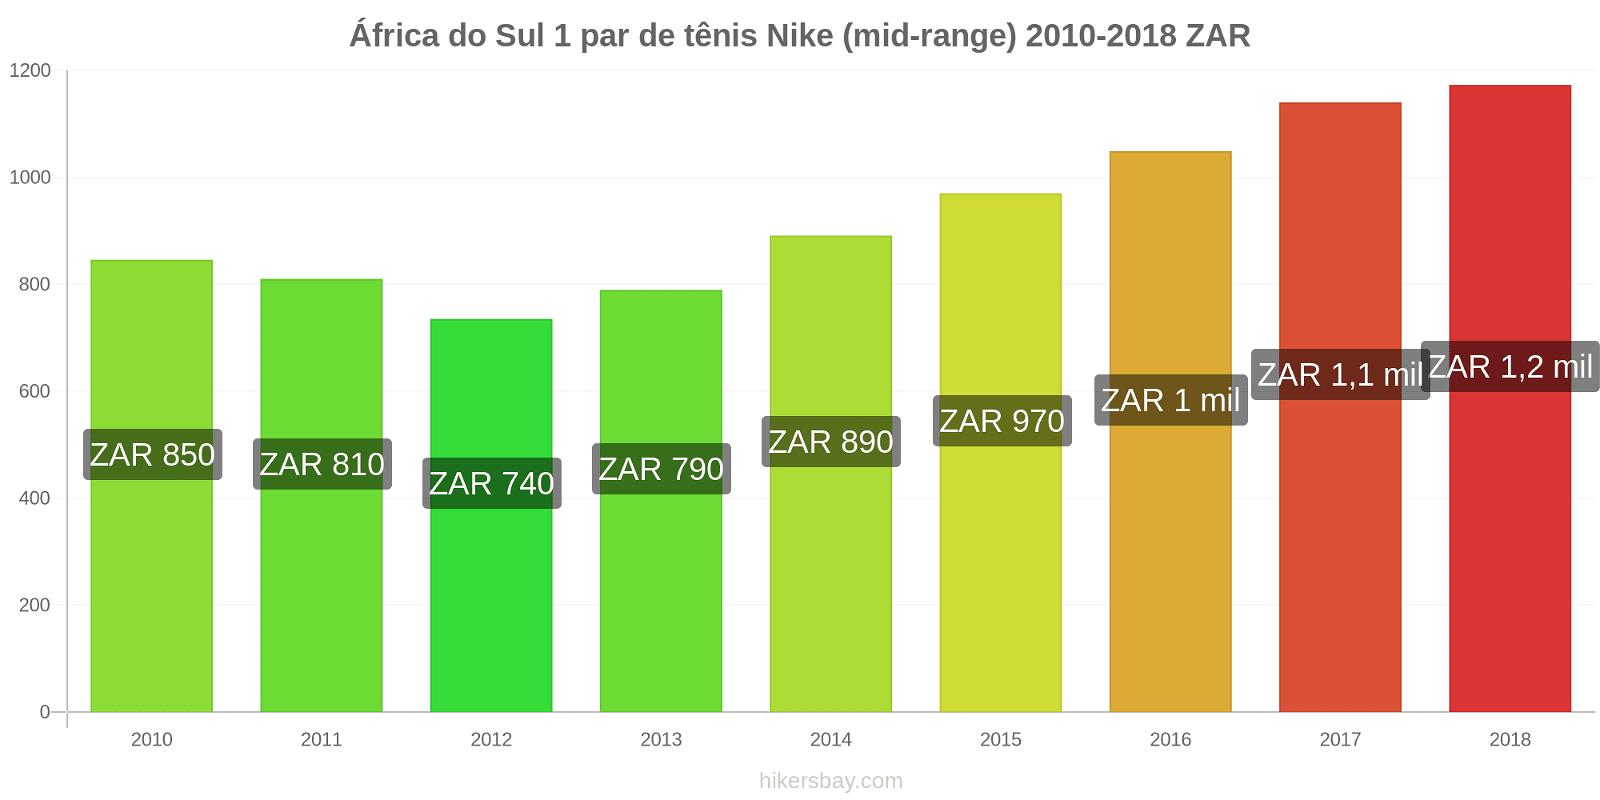 África do Sul variação de preço 1 par de tênis Nike (mid-range) hikersbay.com